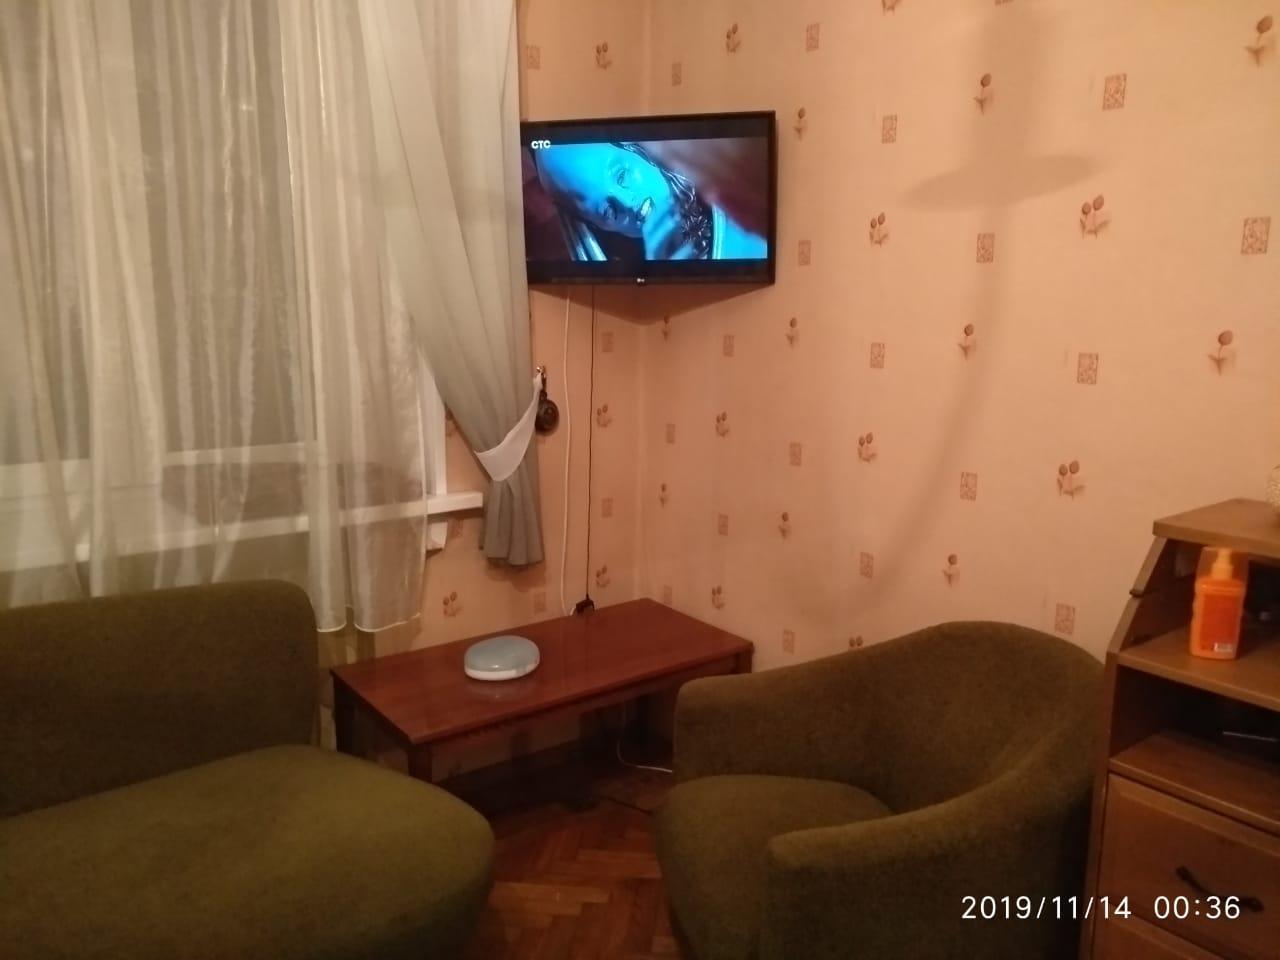 Квартира, 1 комната, 37 м² в Жуковском 89776056514 купить 6